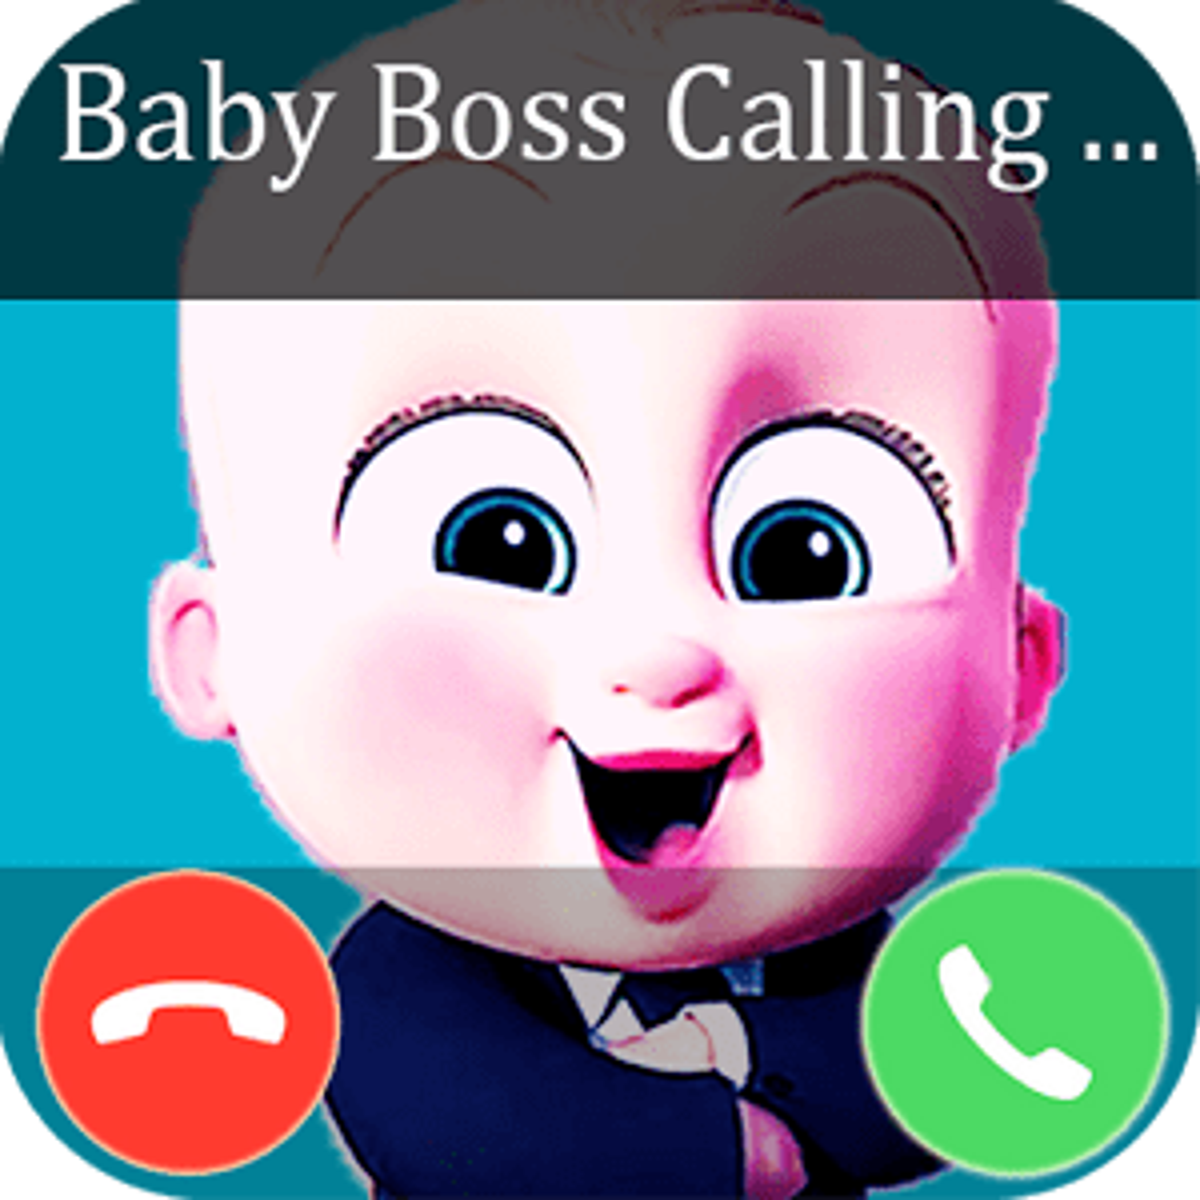 Baby Boss Prank Call